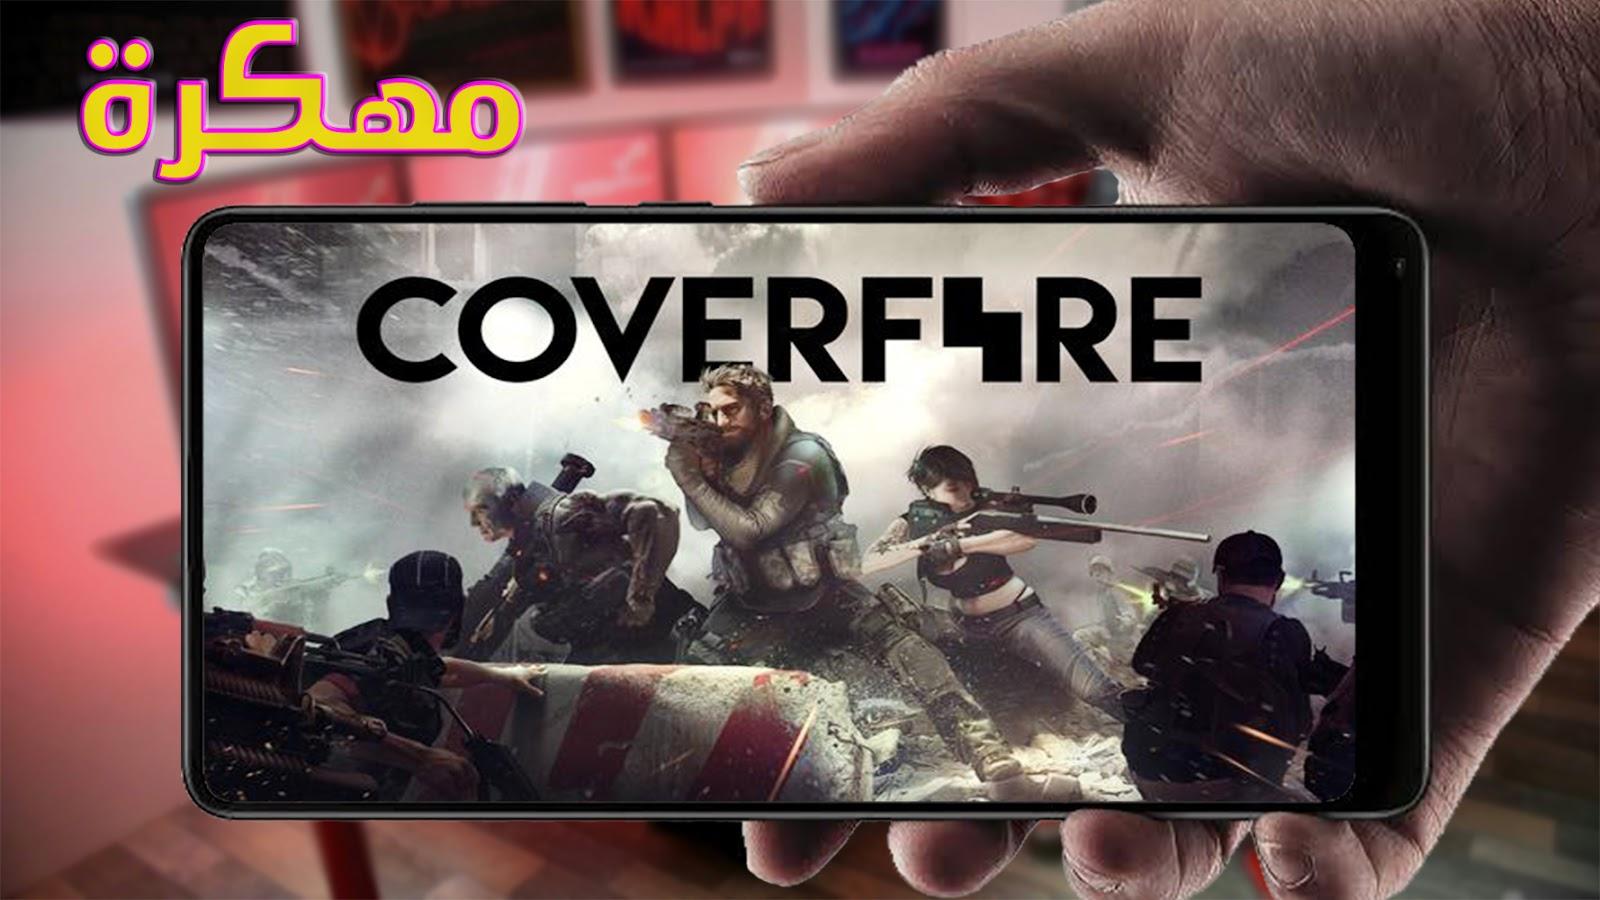 تحميل لعبة cover fire مهكرة للاندرويد